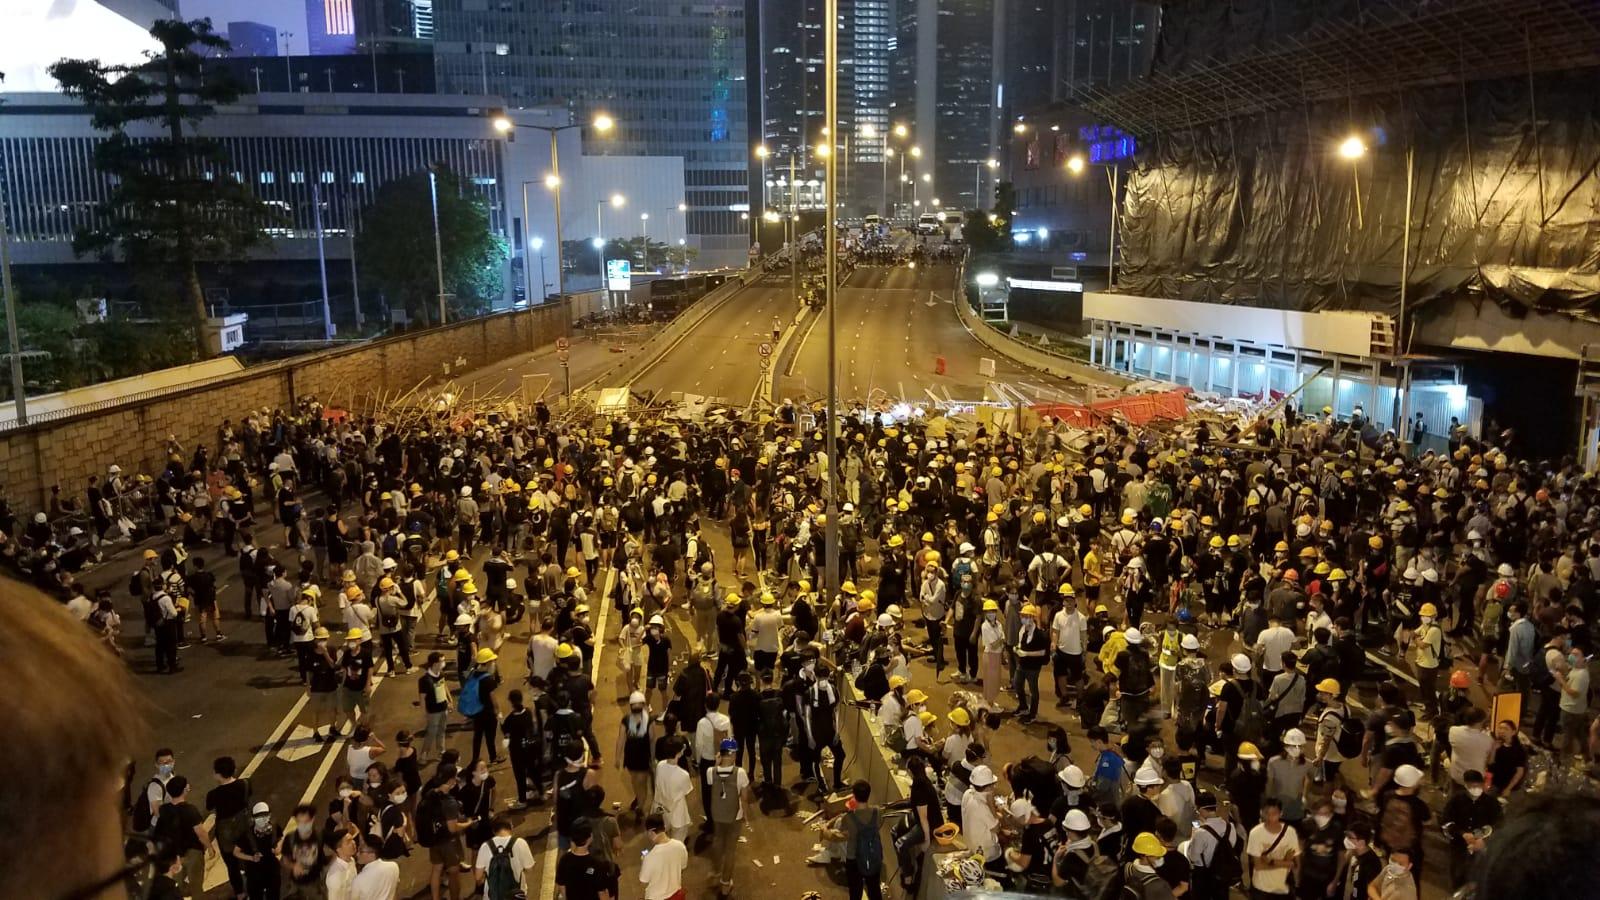 大批示威者聚集